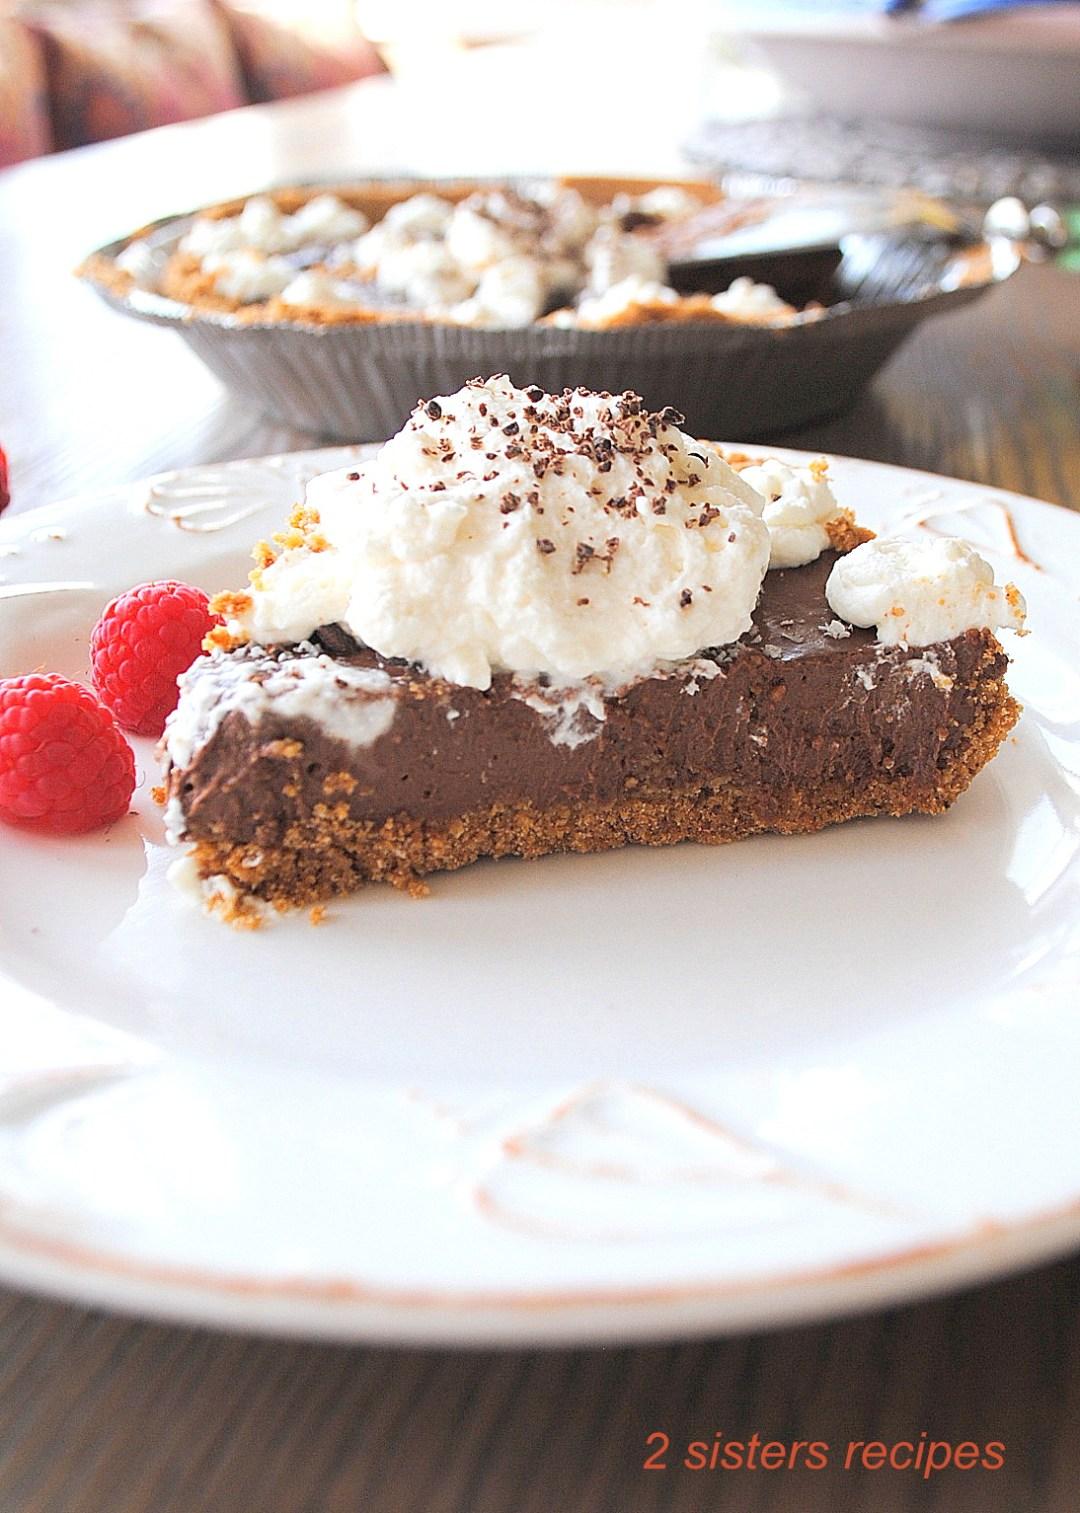 Silky Chocolate Cream Pie by 2sistersrecipes.com